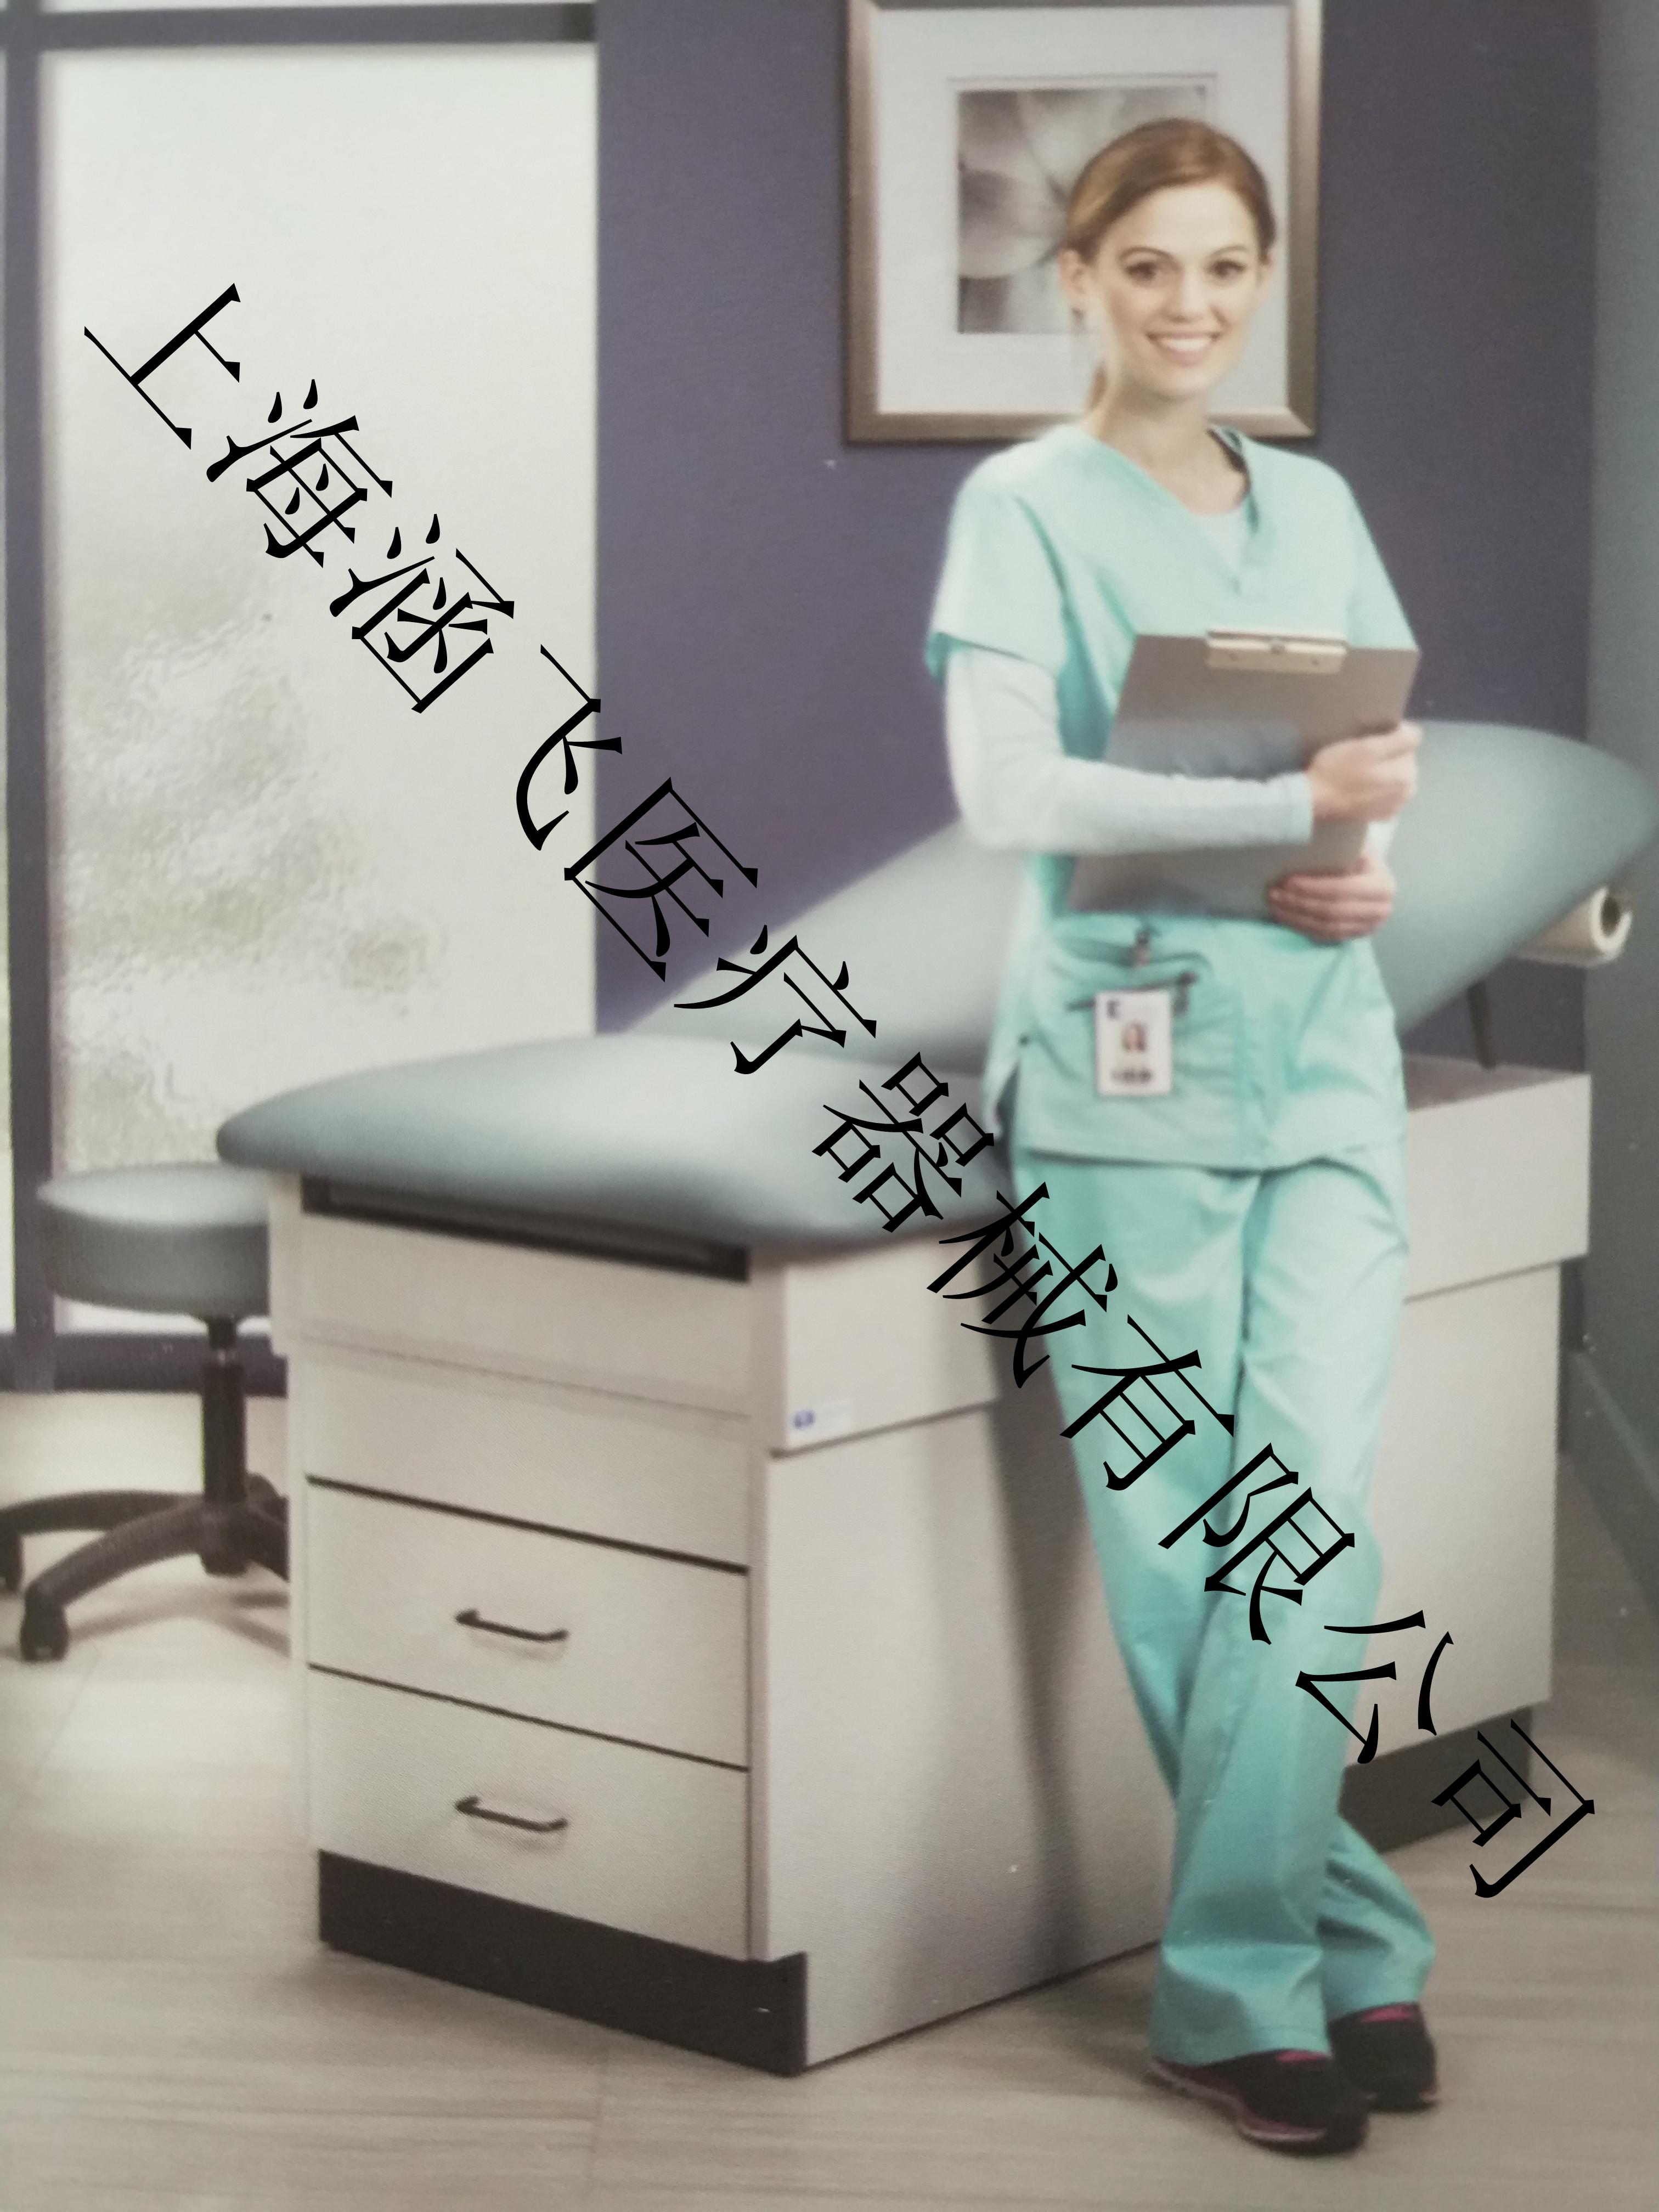 美国clinton克林顿妇科诊查室检查床